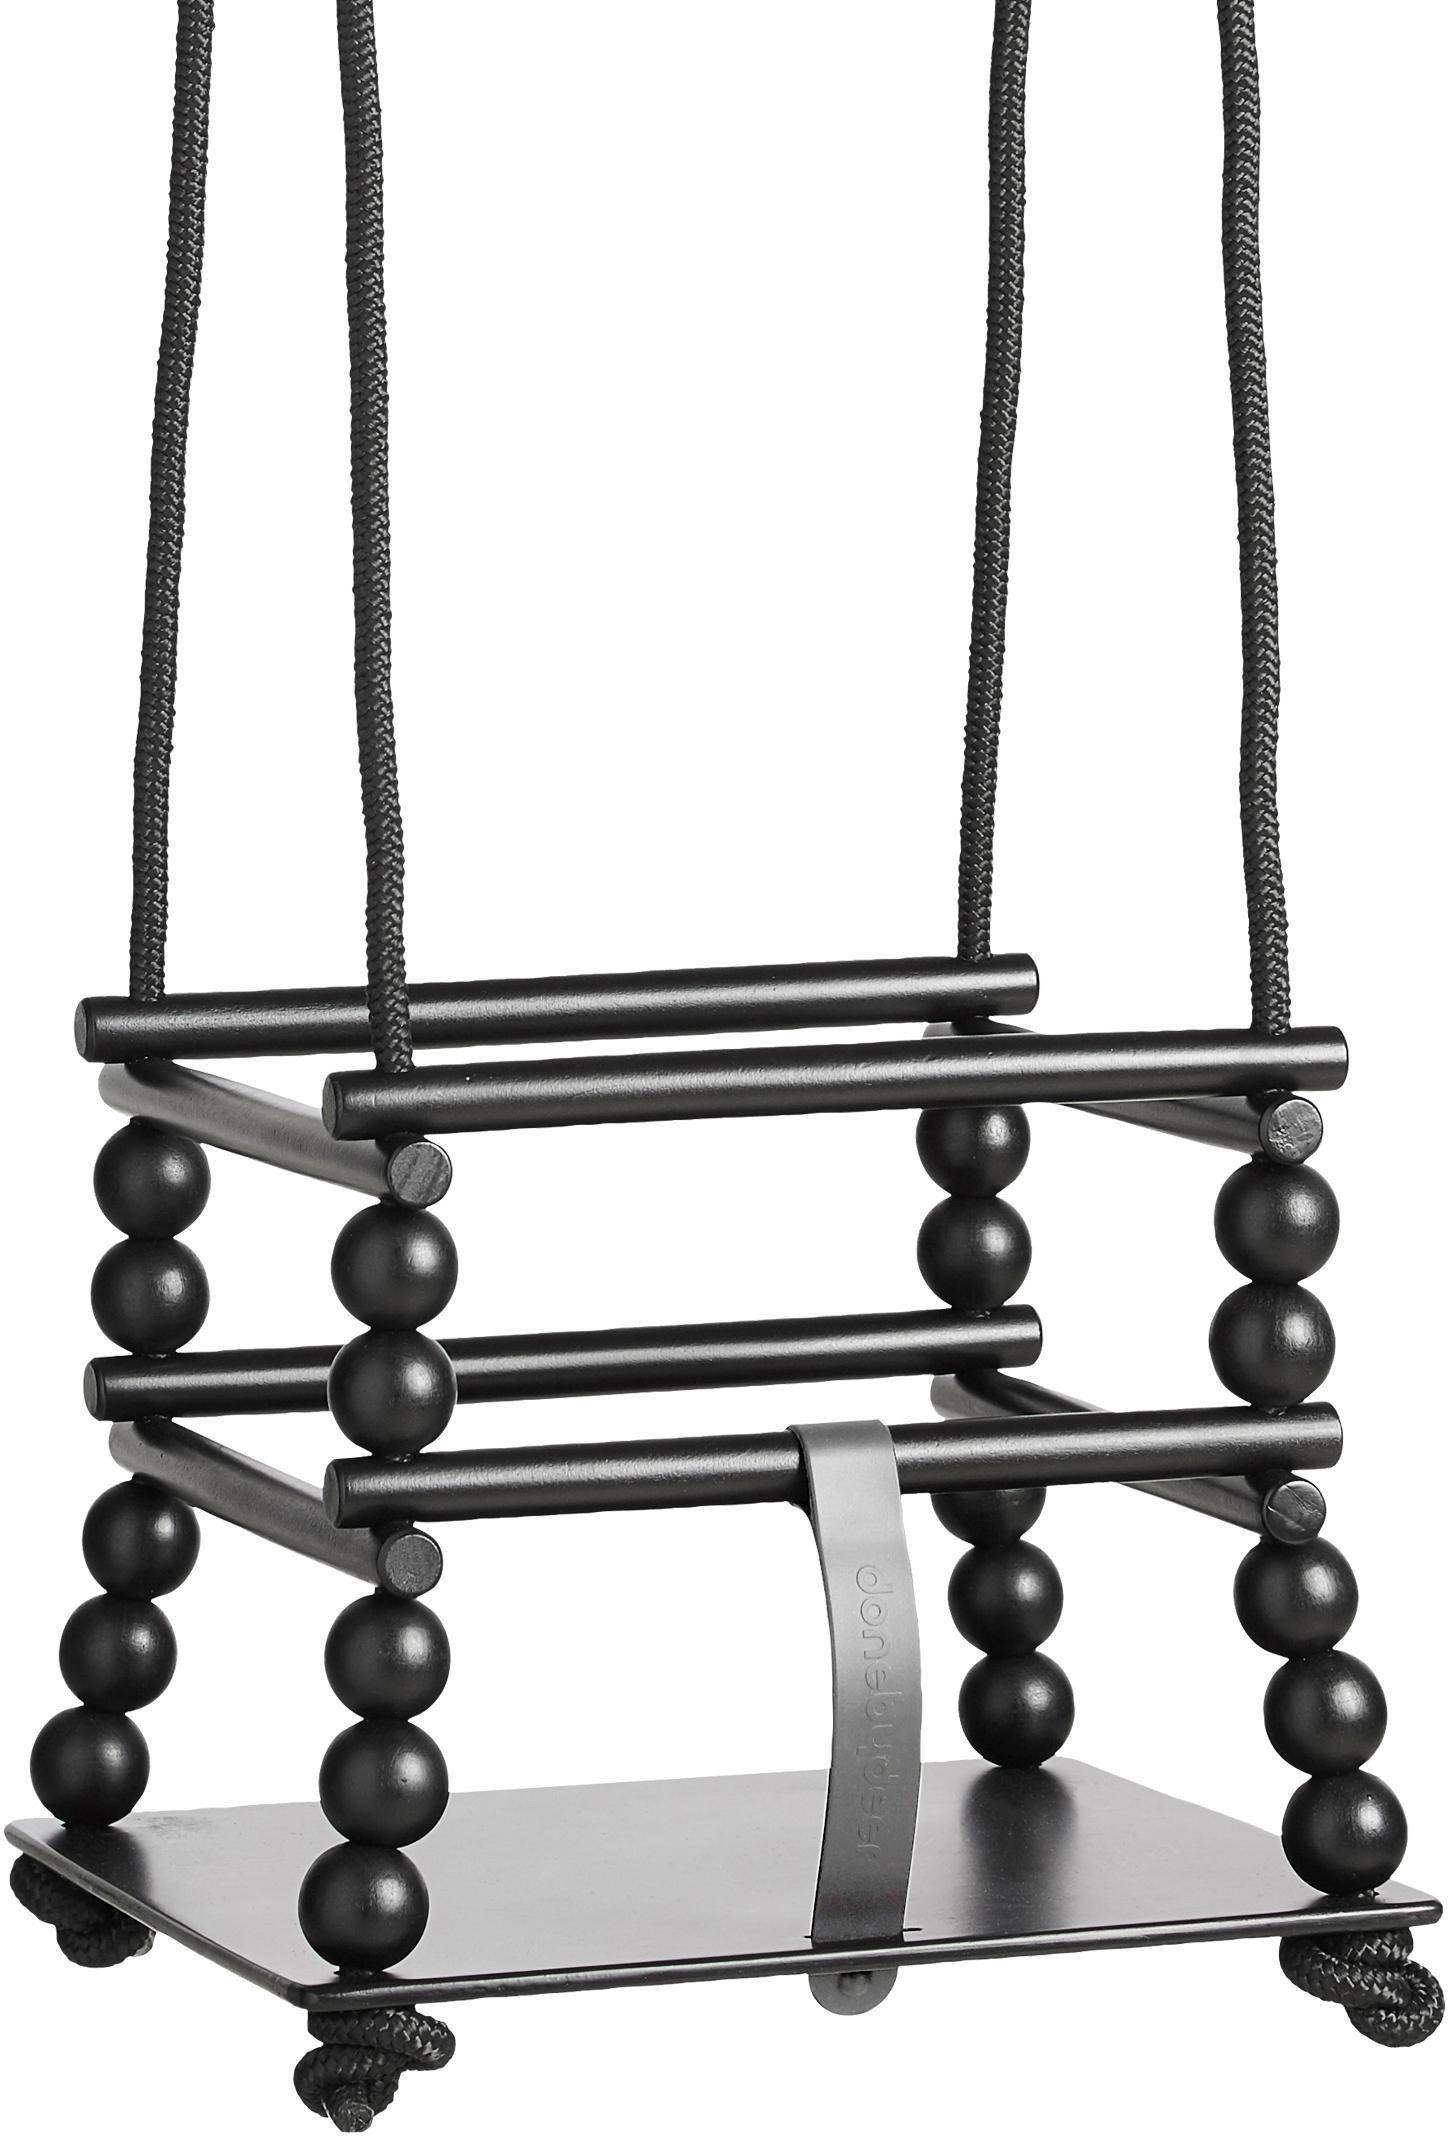 Holz-Schaukel Black, Schwarz, 32 x 120 cm